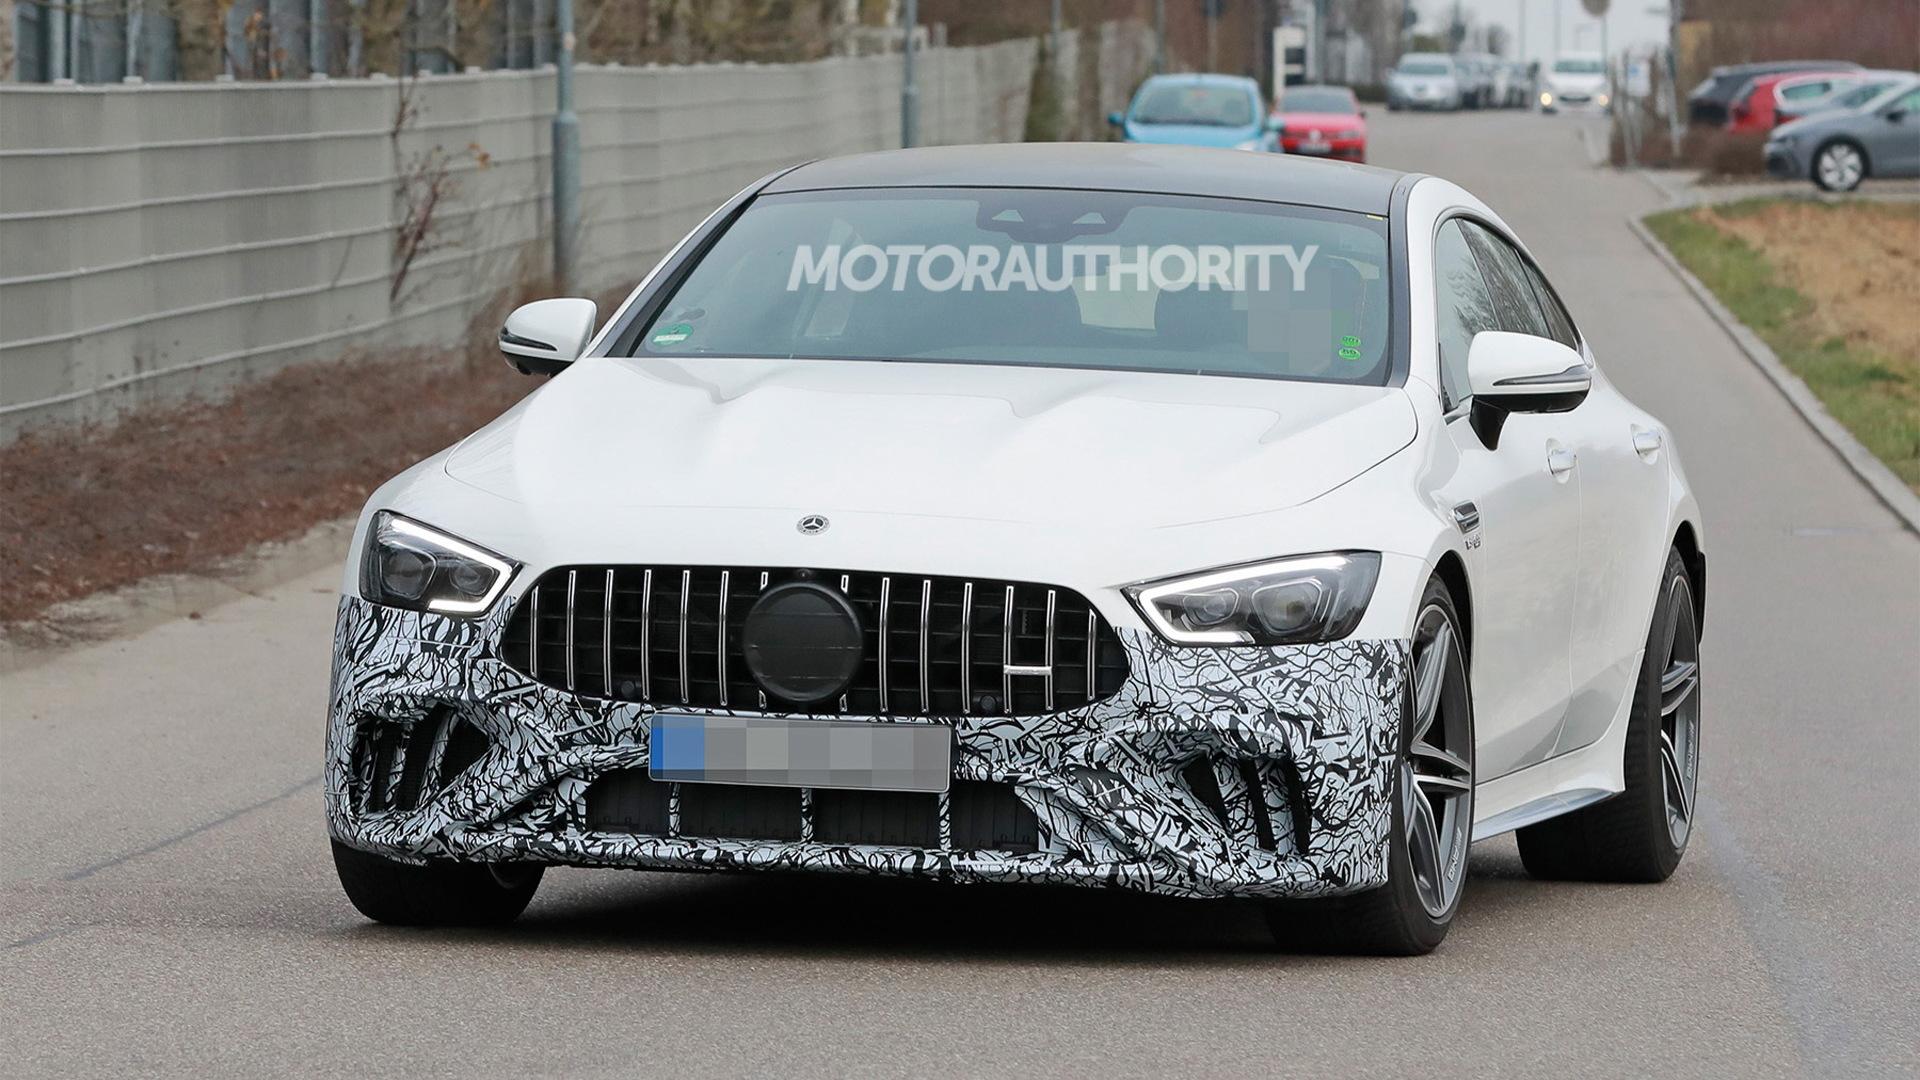 2022 Mercedes-Benz AMG GT 4-Door Coupe facelift spy shots - Photo credit:S. Baldauf/SB-Medien